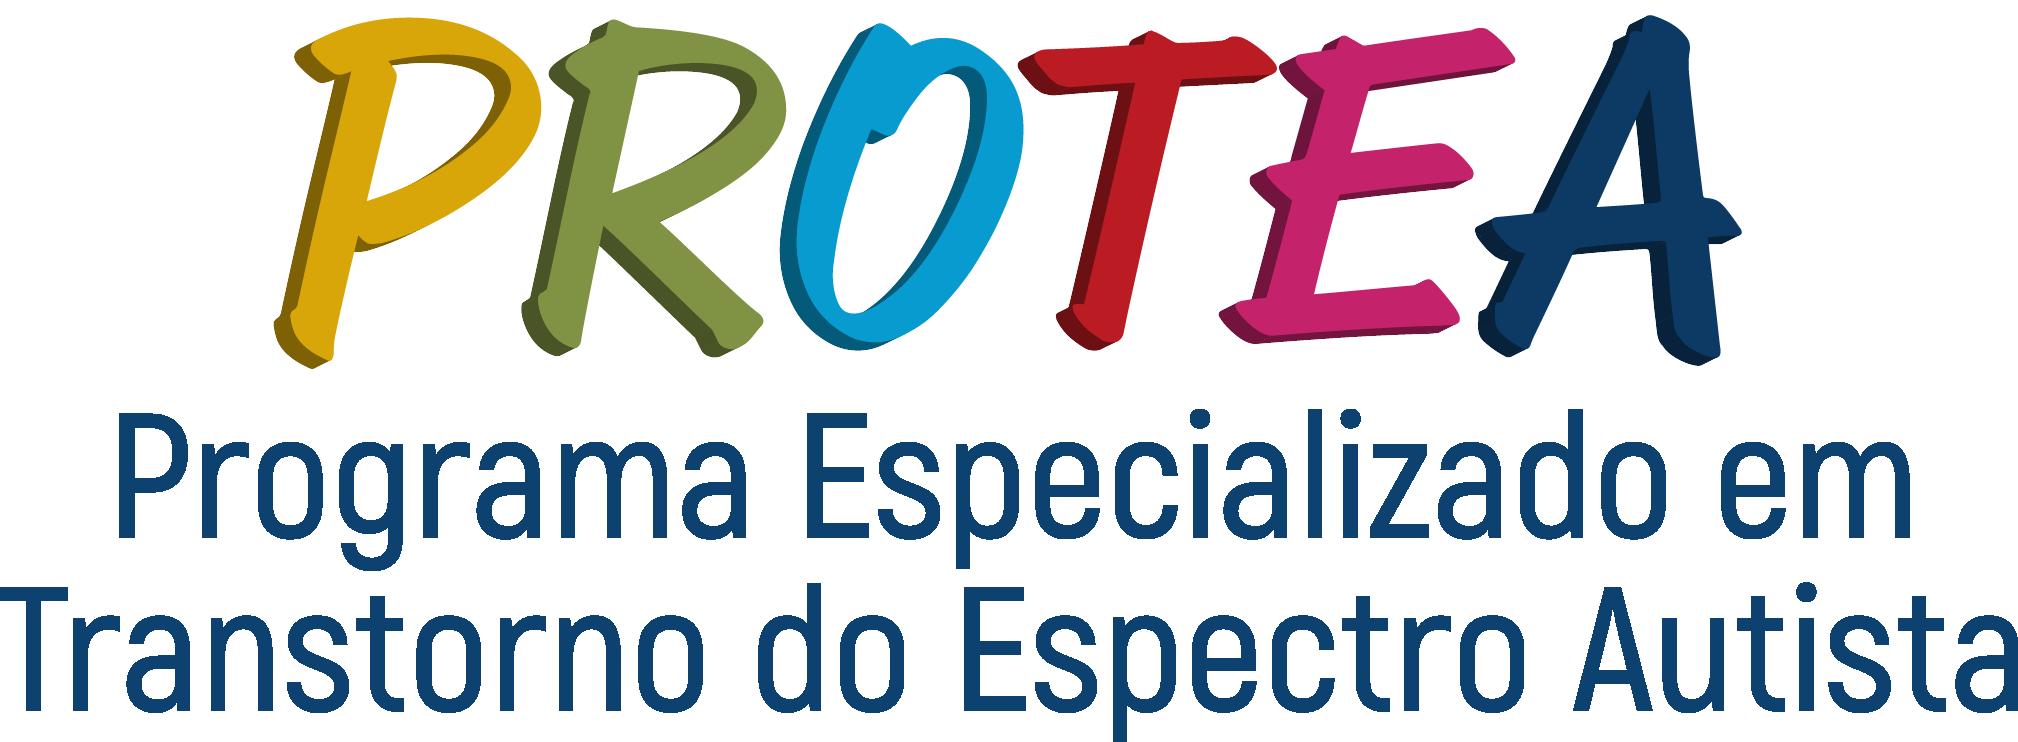 PROTEA - Programa Especializado em Transtorno do Espectro Autista